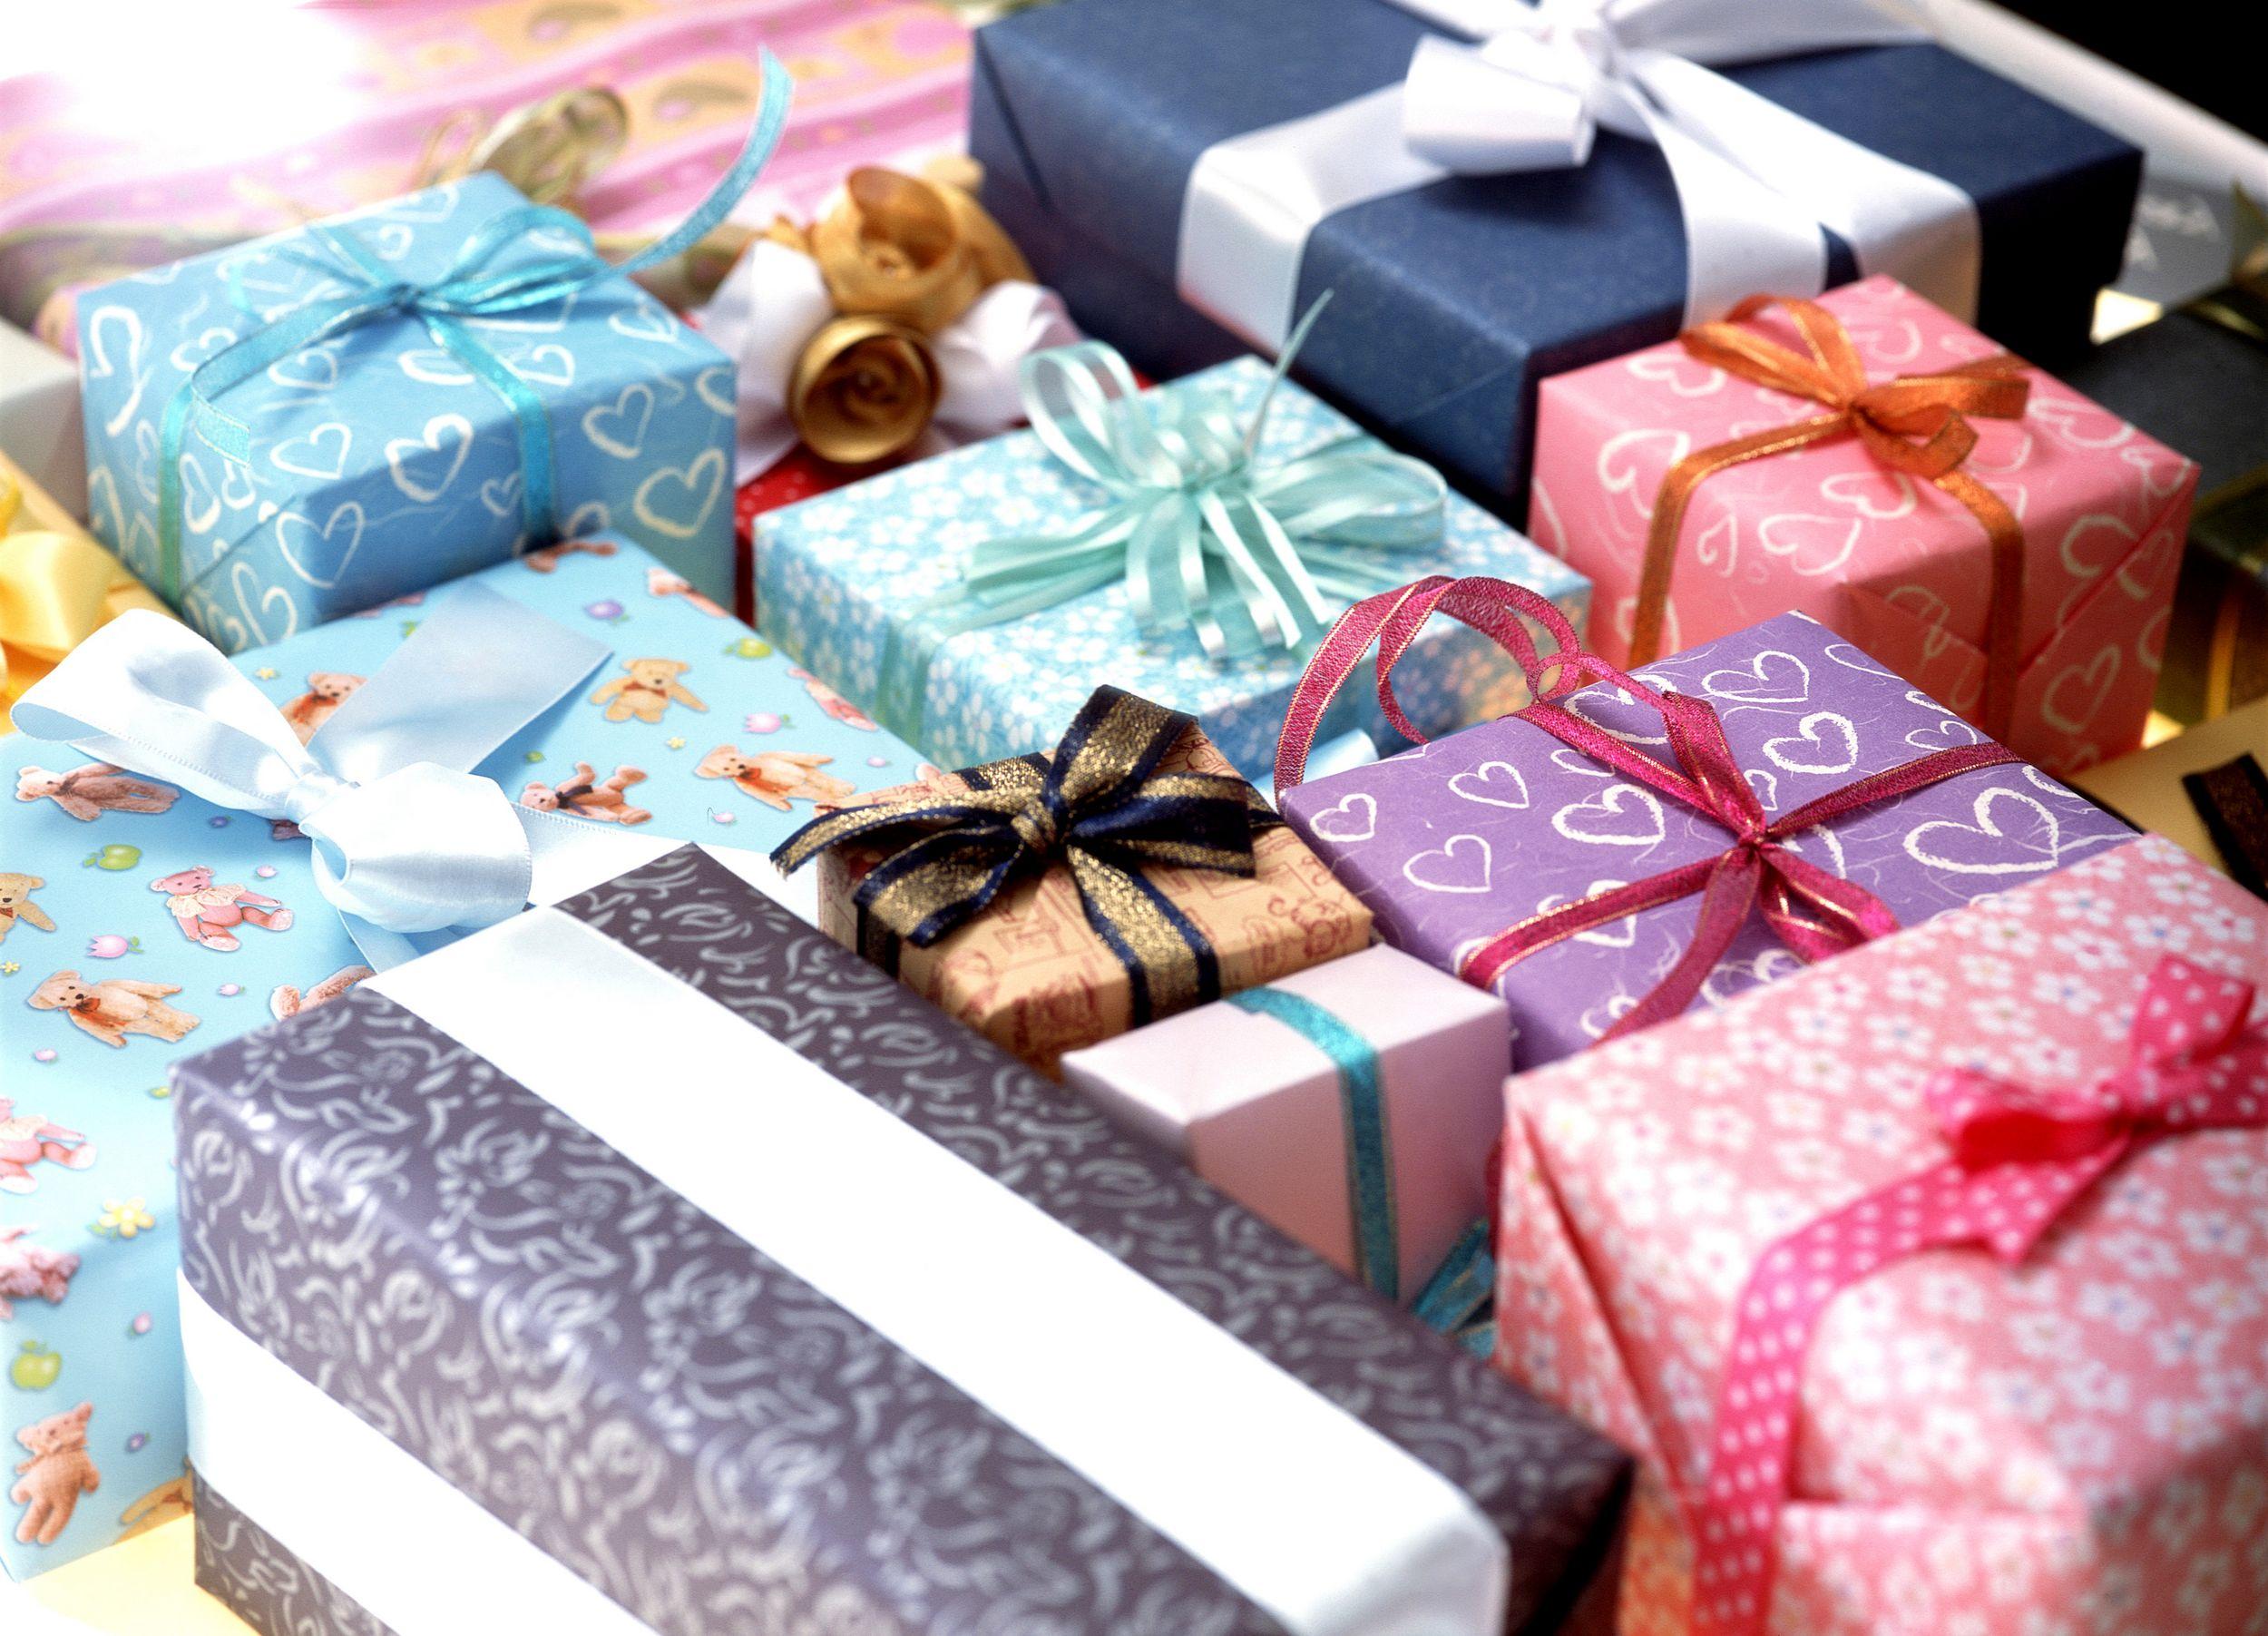 Birthday Present Ideas For Boyfriend 16th